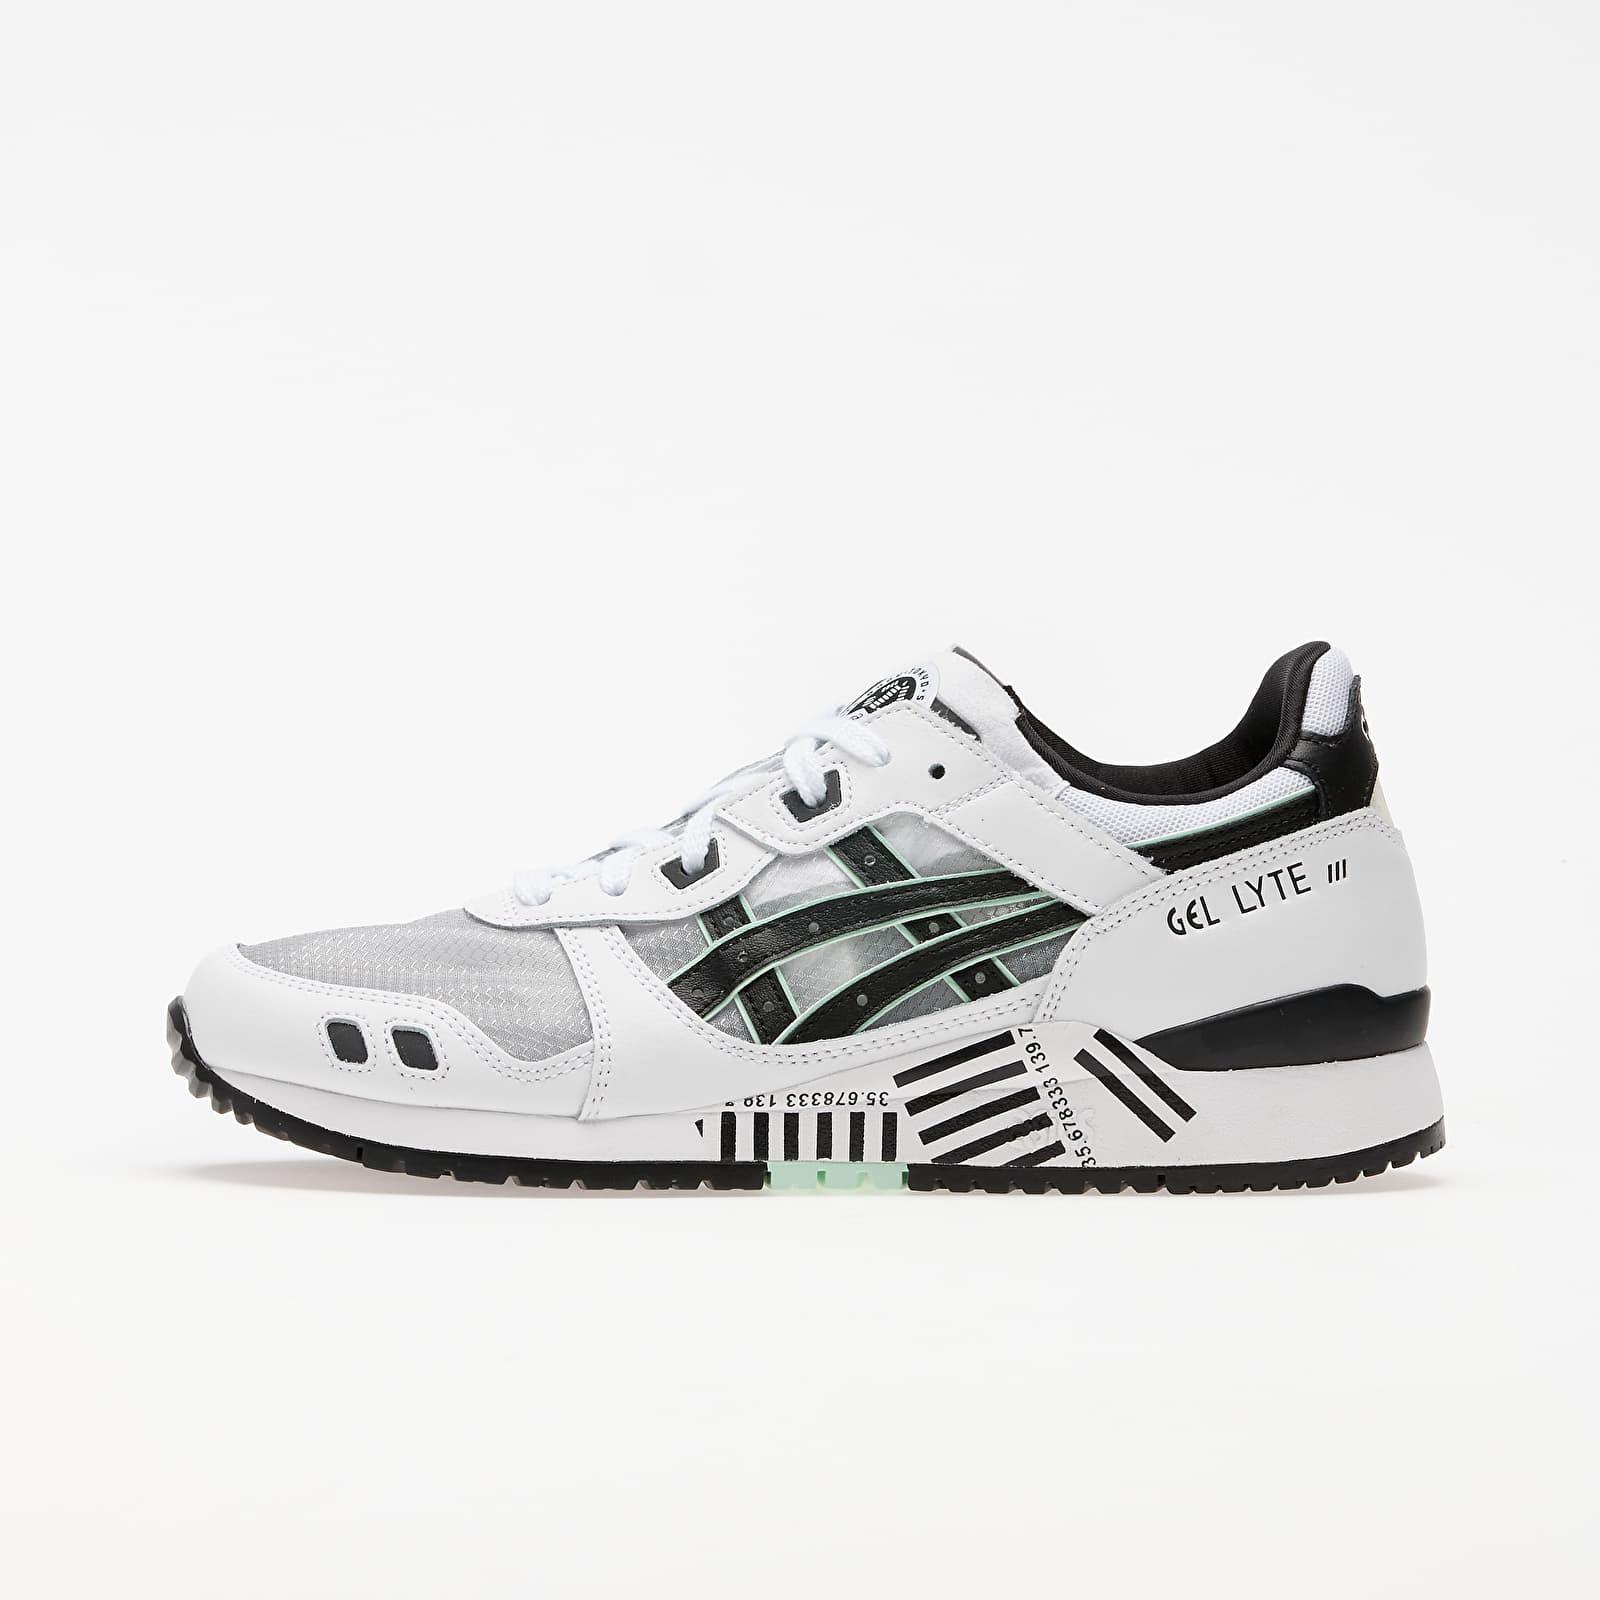 Women's shoes Asics Gel Lyte III OG White/ Black